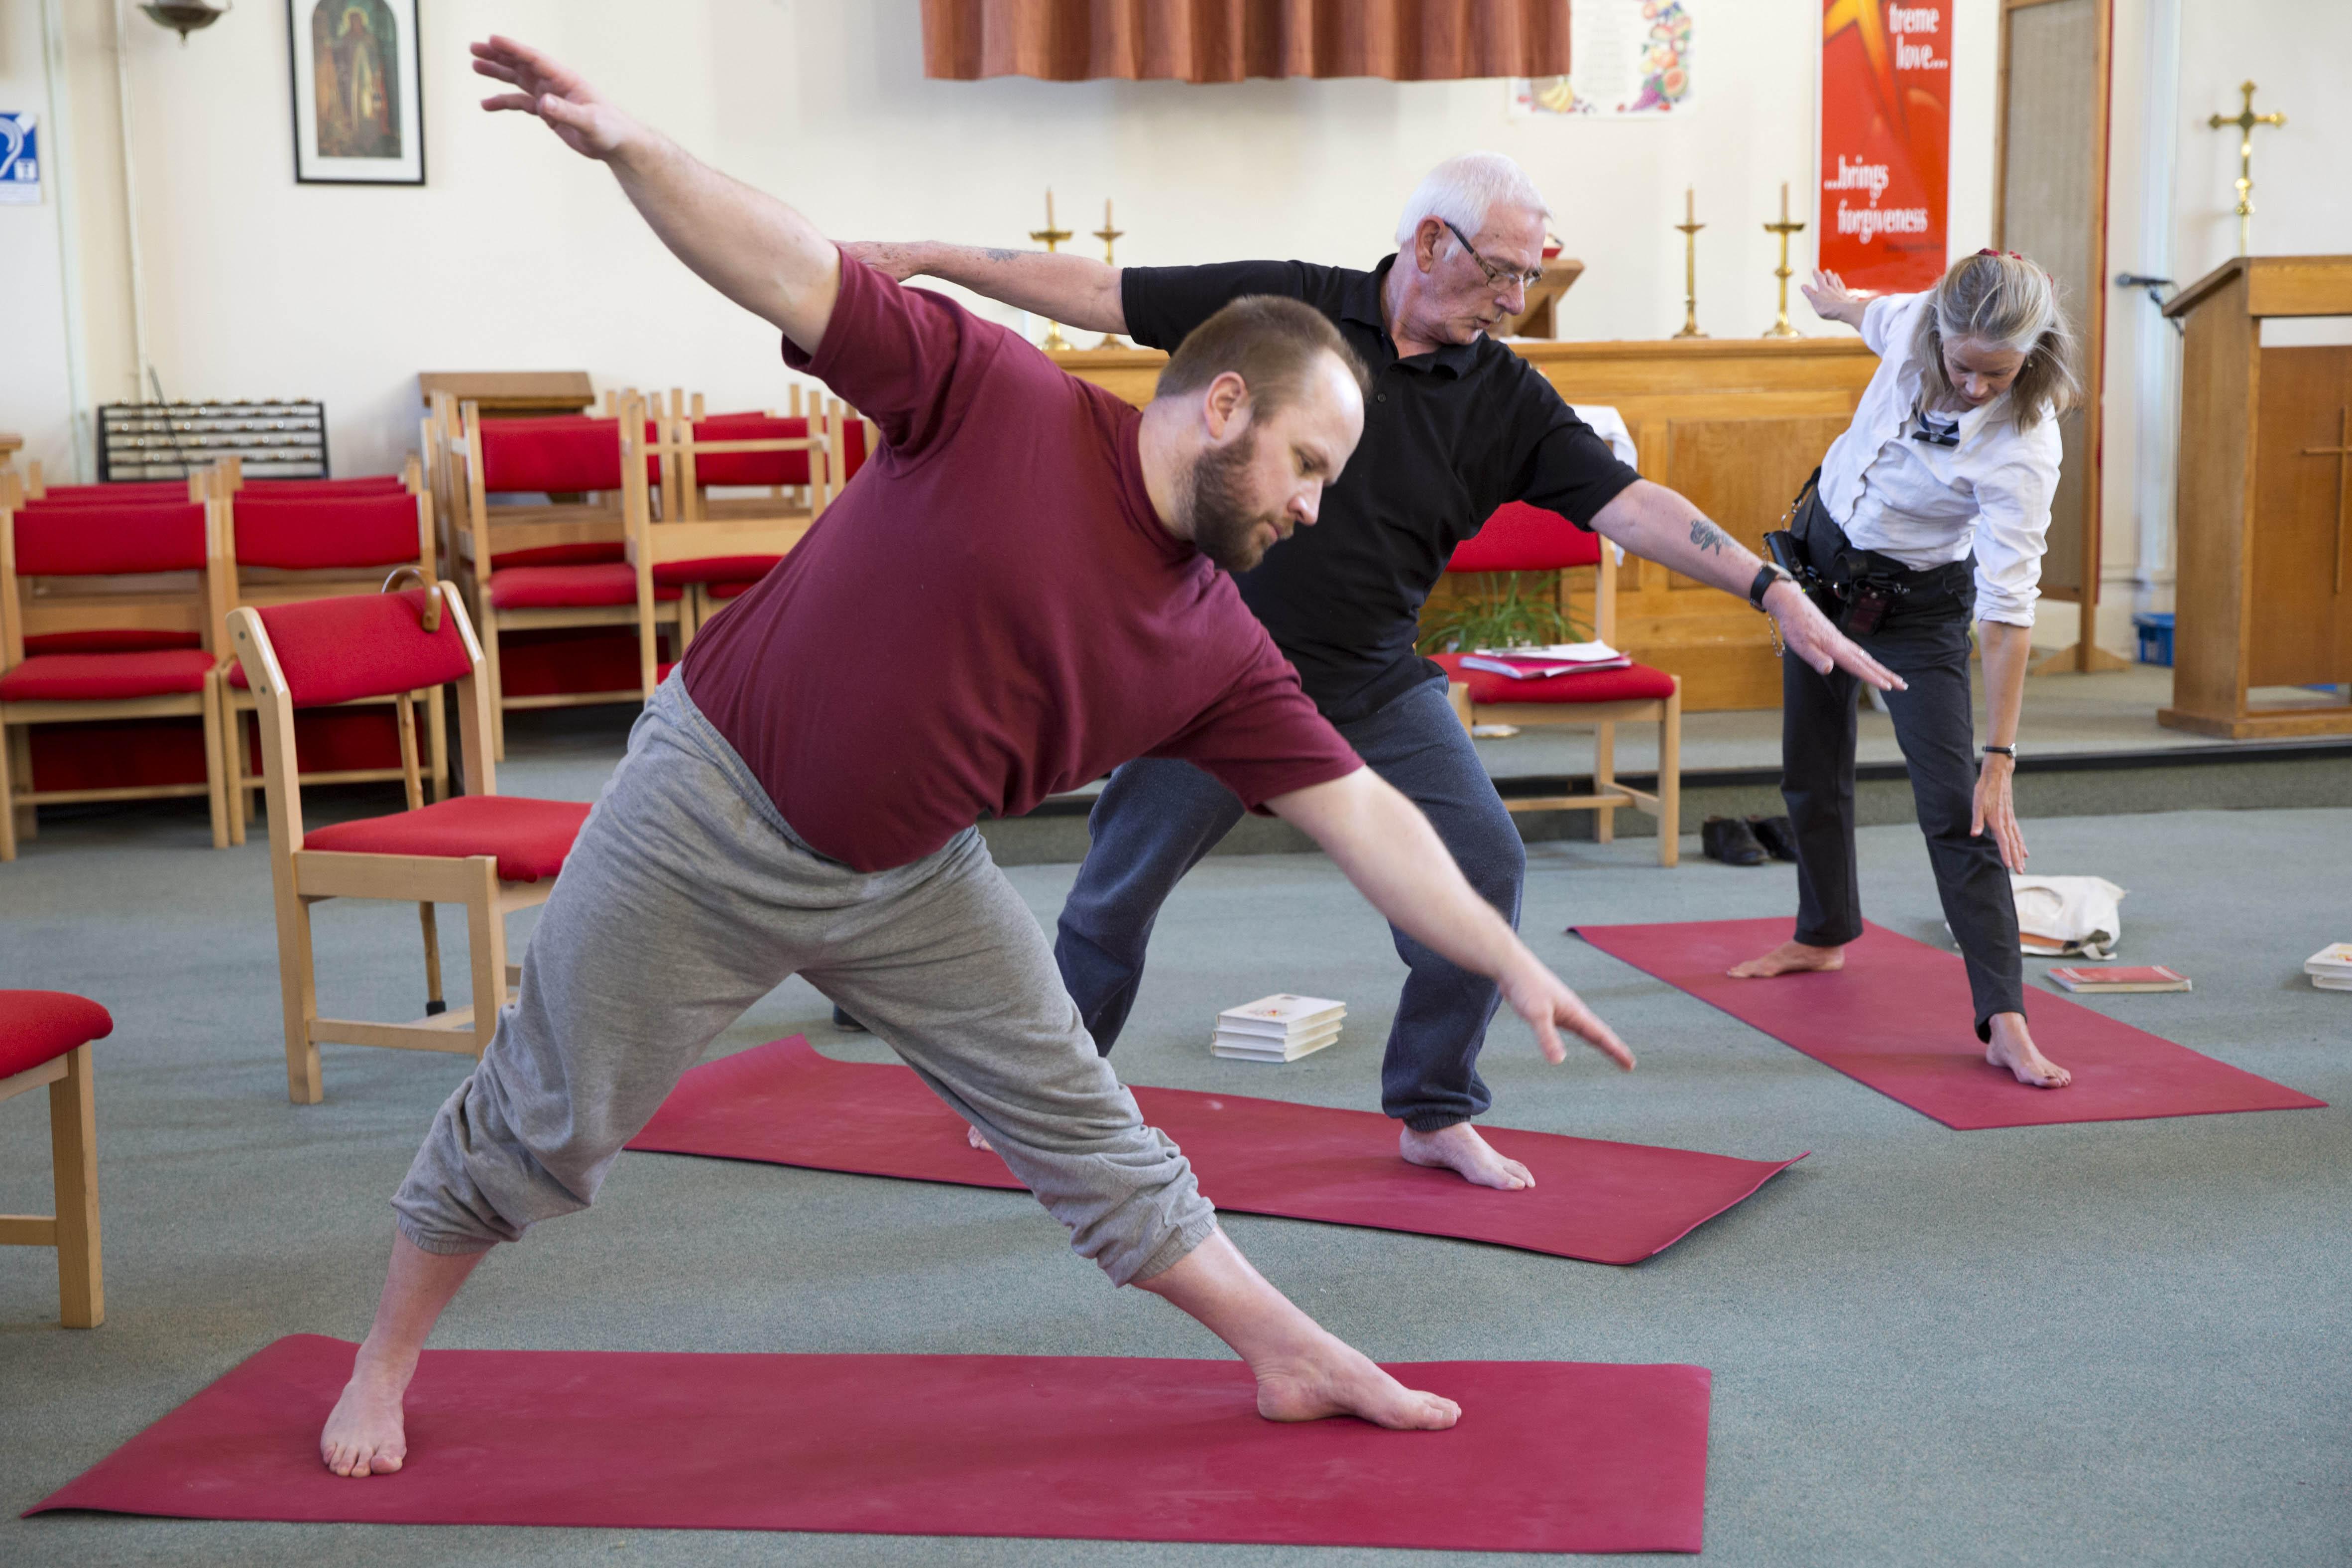 Yoga Classes In Prison - The Prison Phoenix Trust